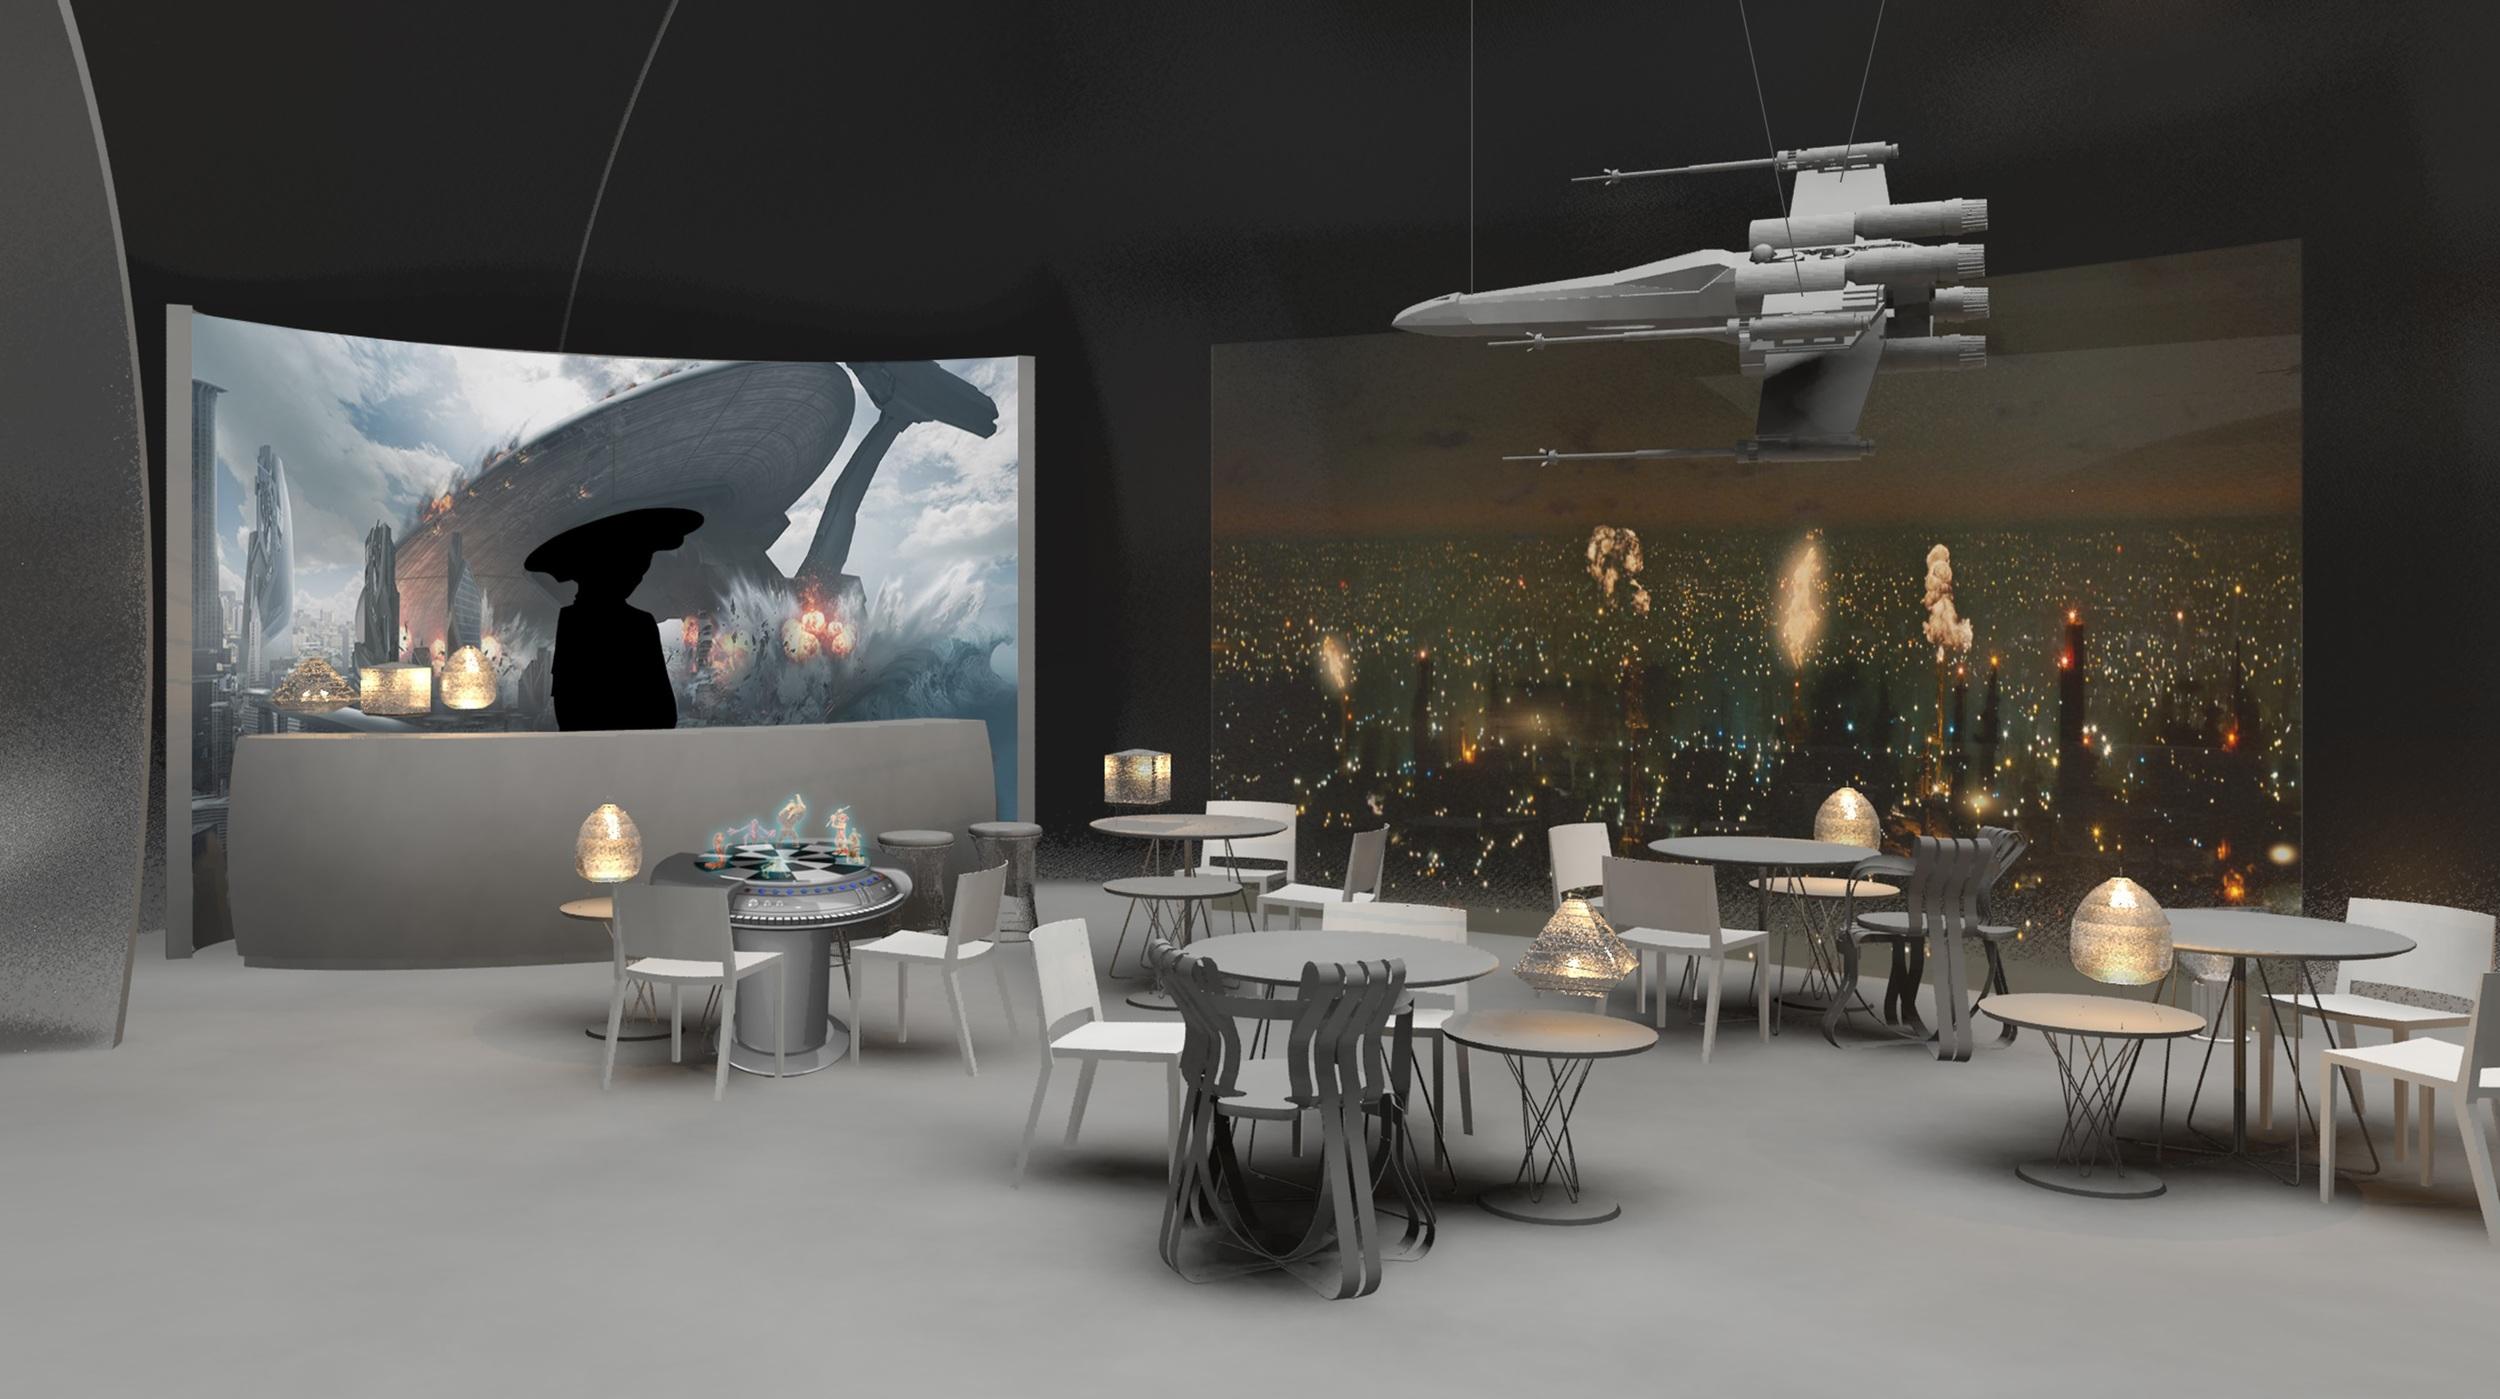 Interior design by Chiara Rizzarda, Italy